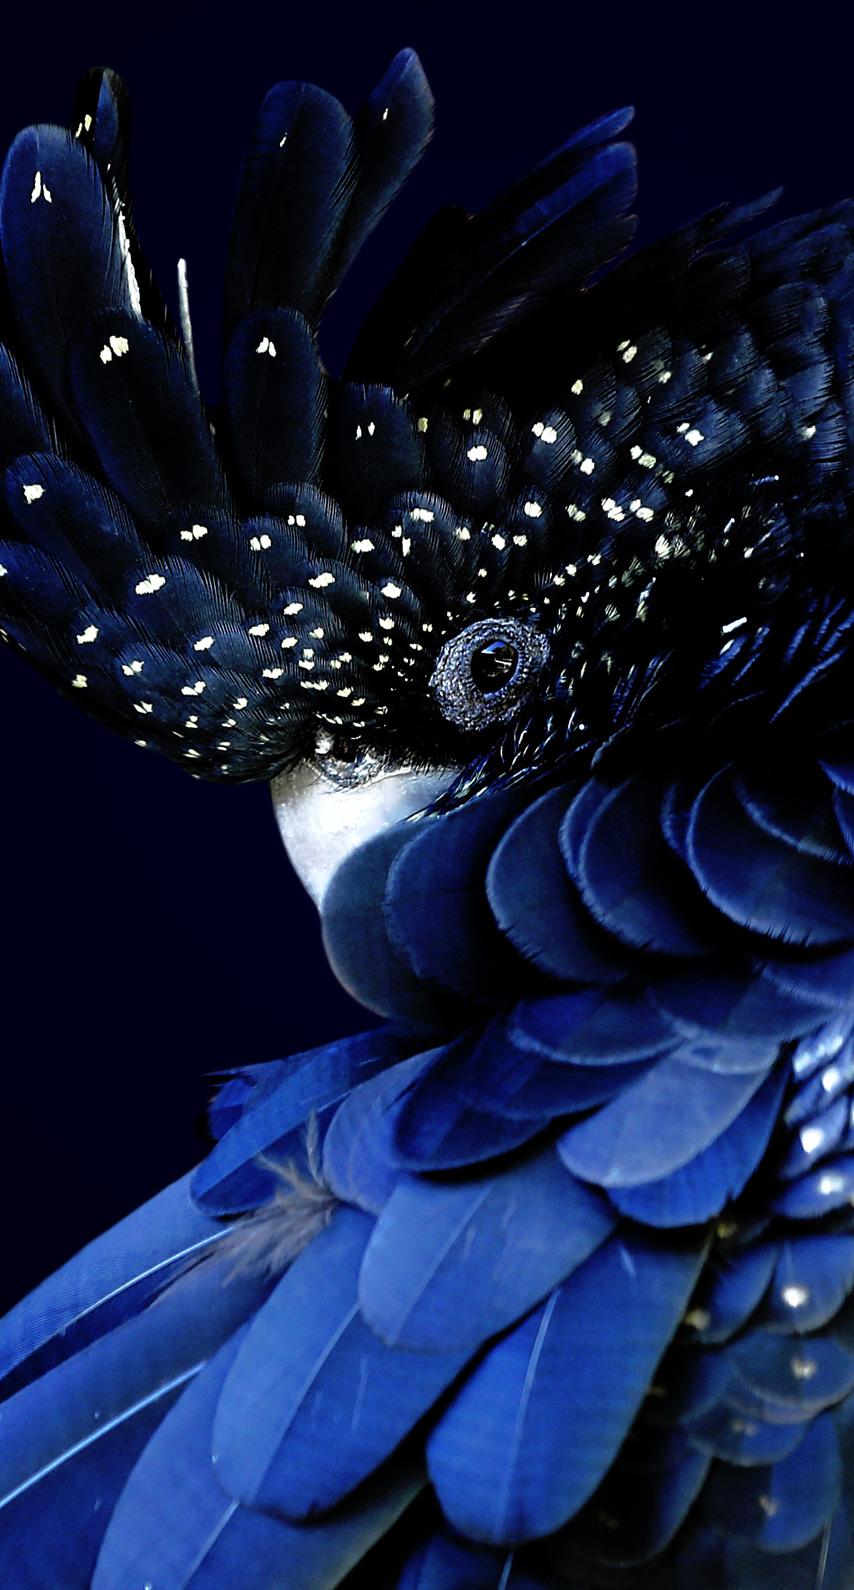 blue, bird